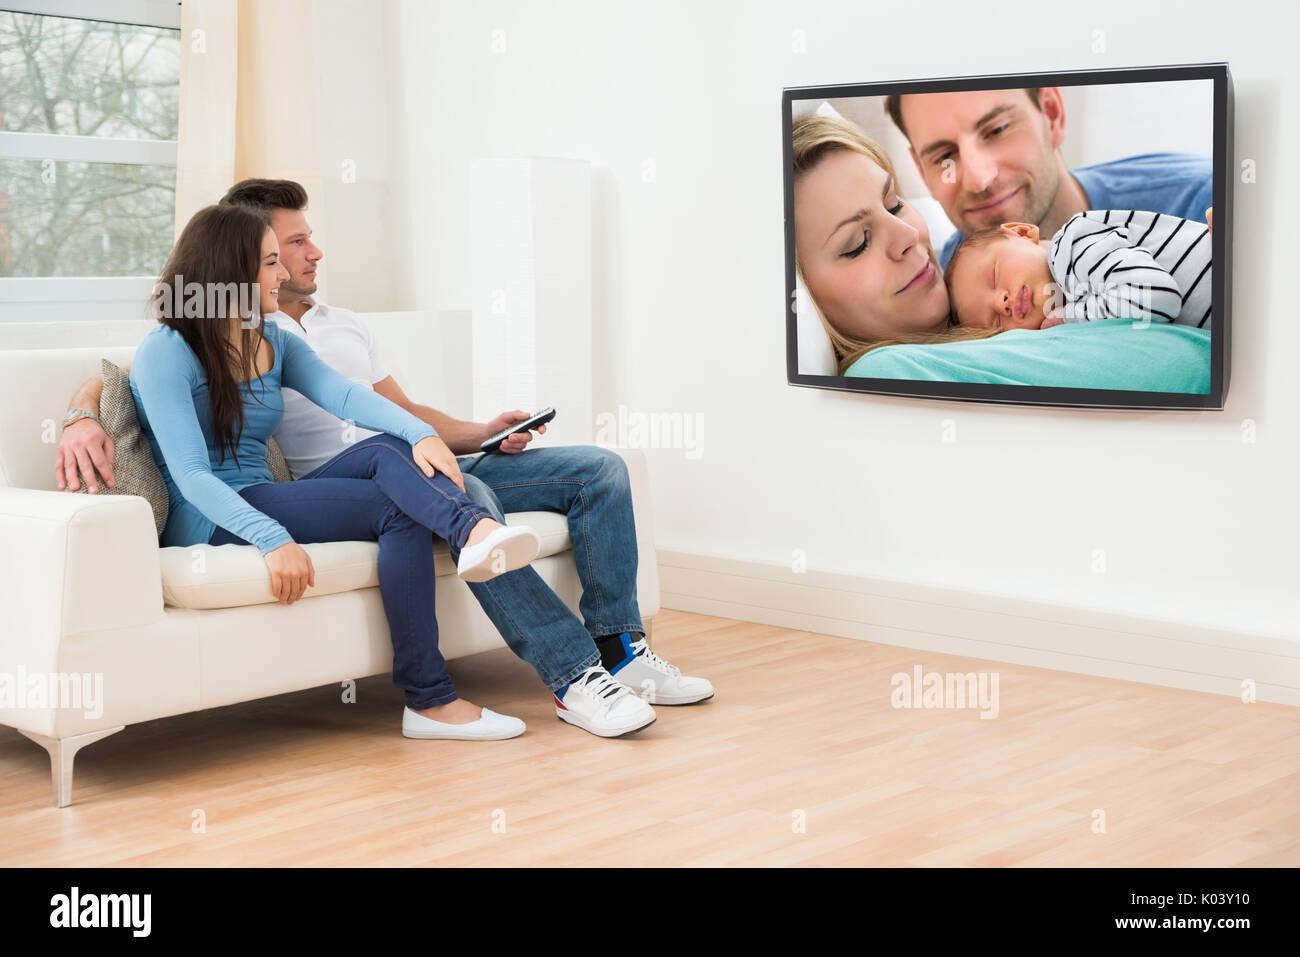 Junges Paar im Wohnzimmer auf der Couch vor dem Fernseher sitzen ...